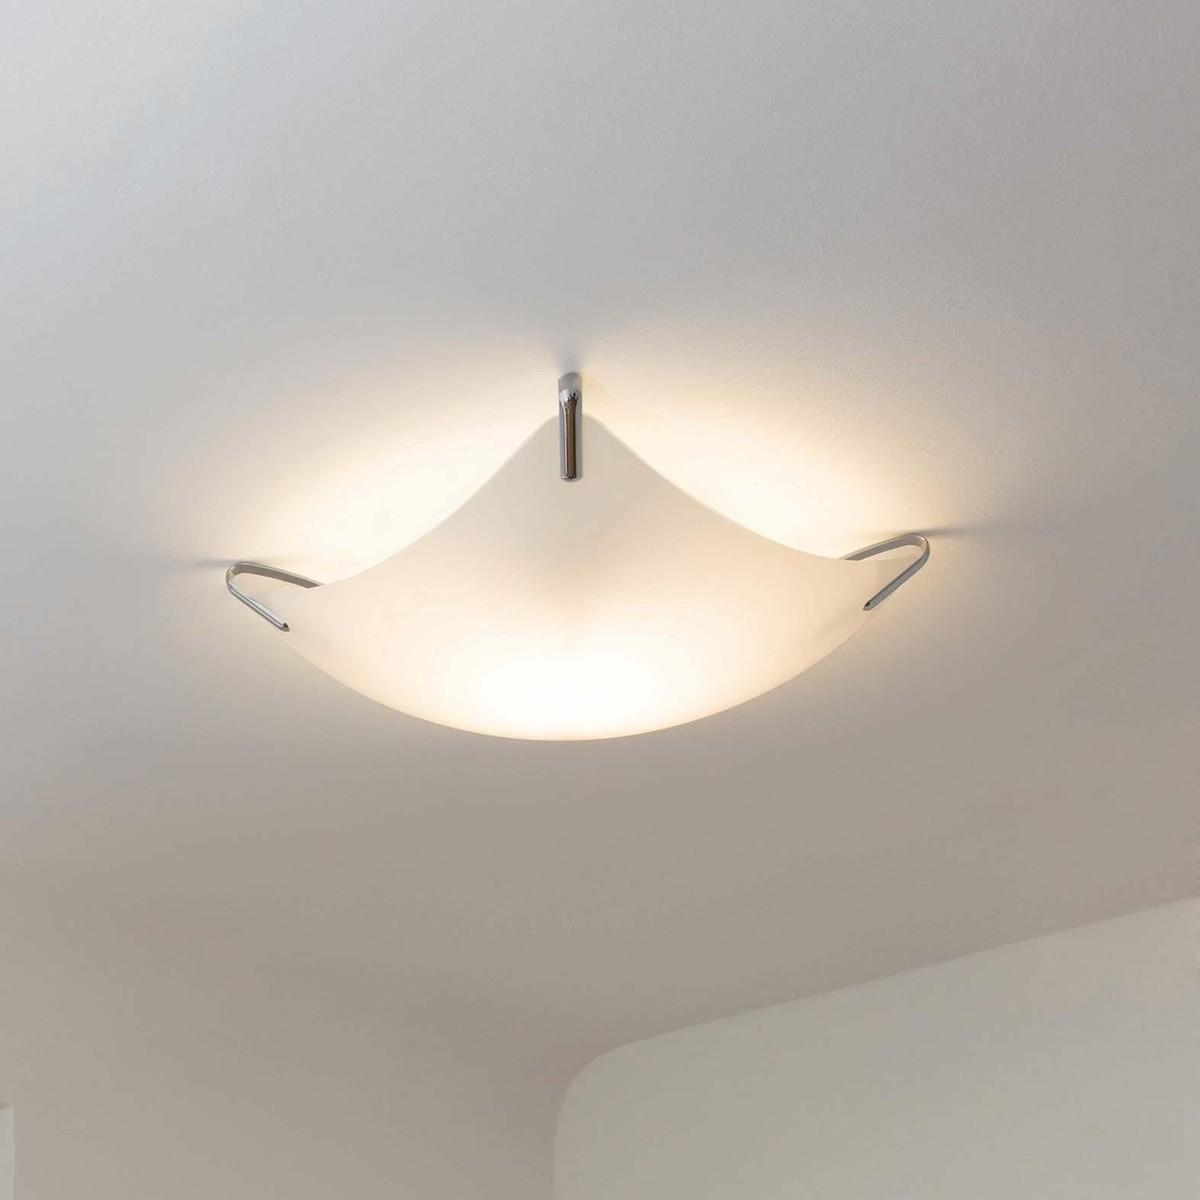 vela major ceiling lamp nemo. Black Bedroom Furniture Sets. Home Design Ideas